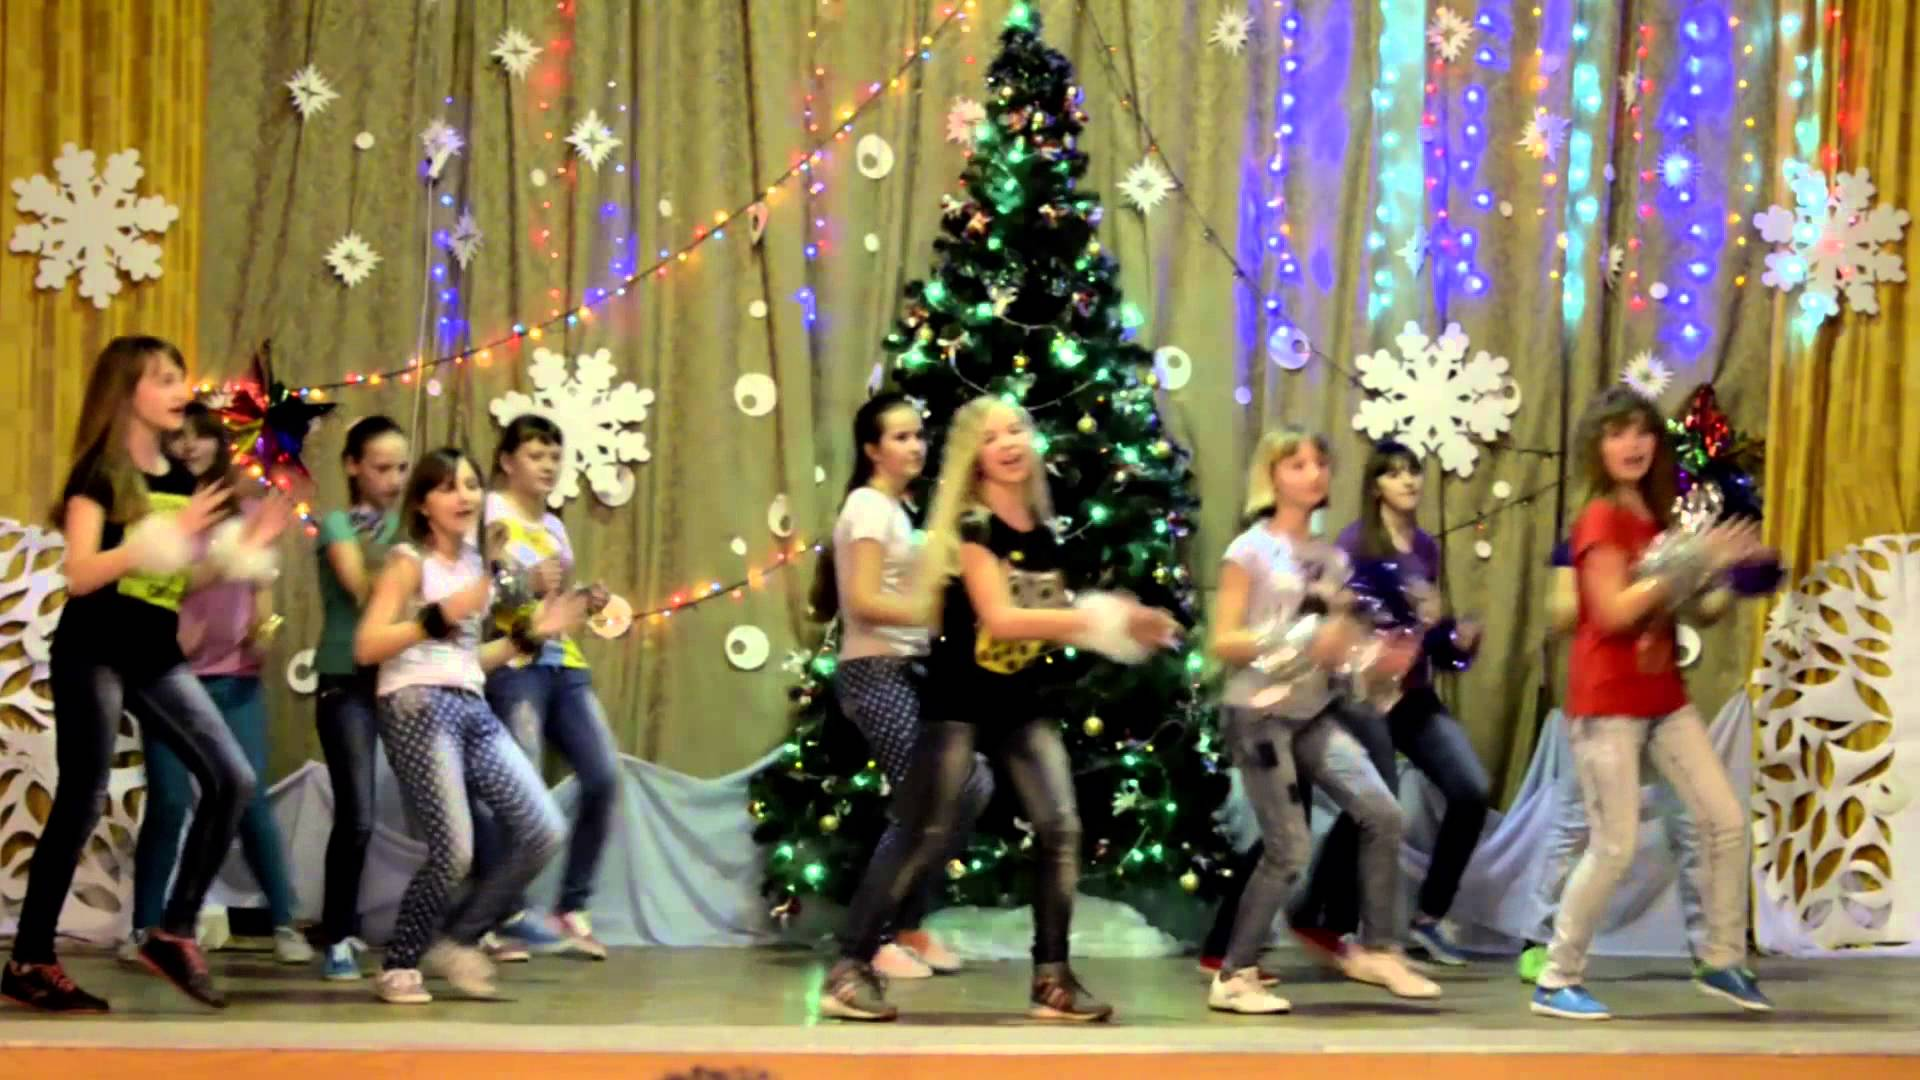 Сценарий на новый год в школе для 6 класса с конкурсами